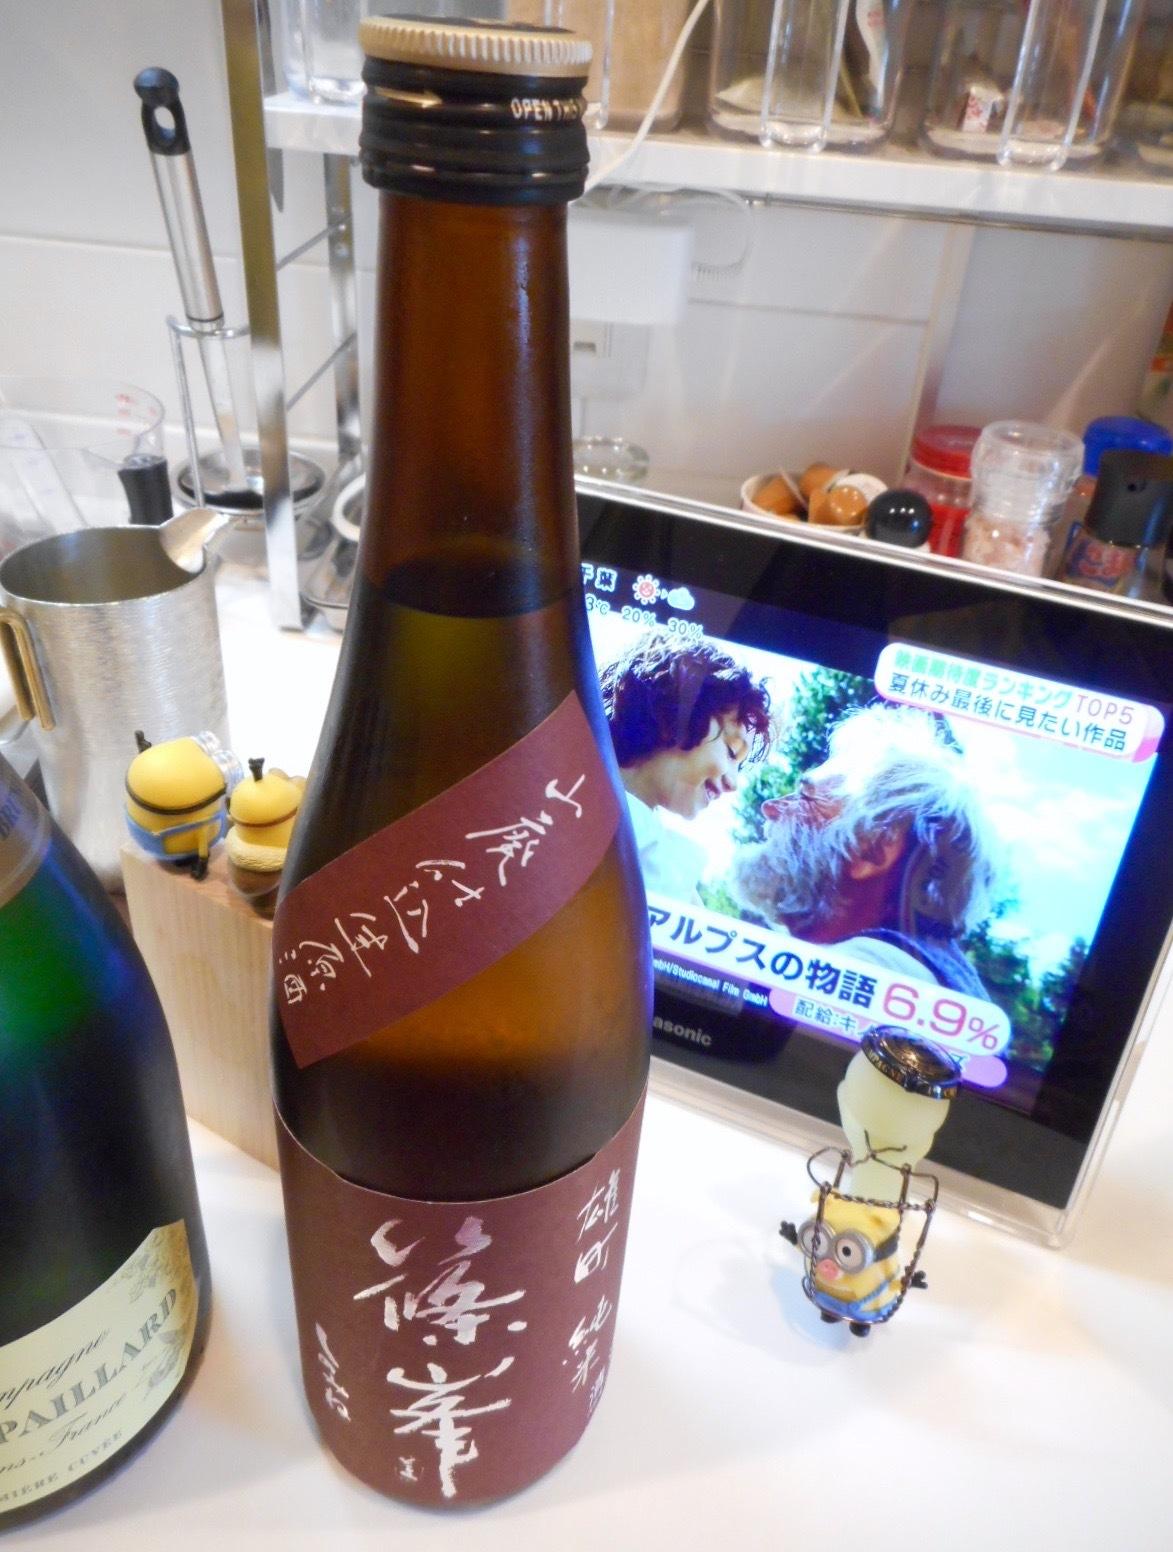 shinomine_yamahai_omachi28by4.jpg